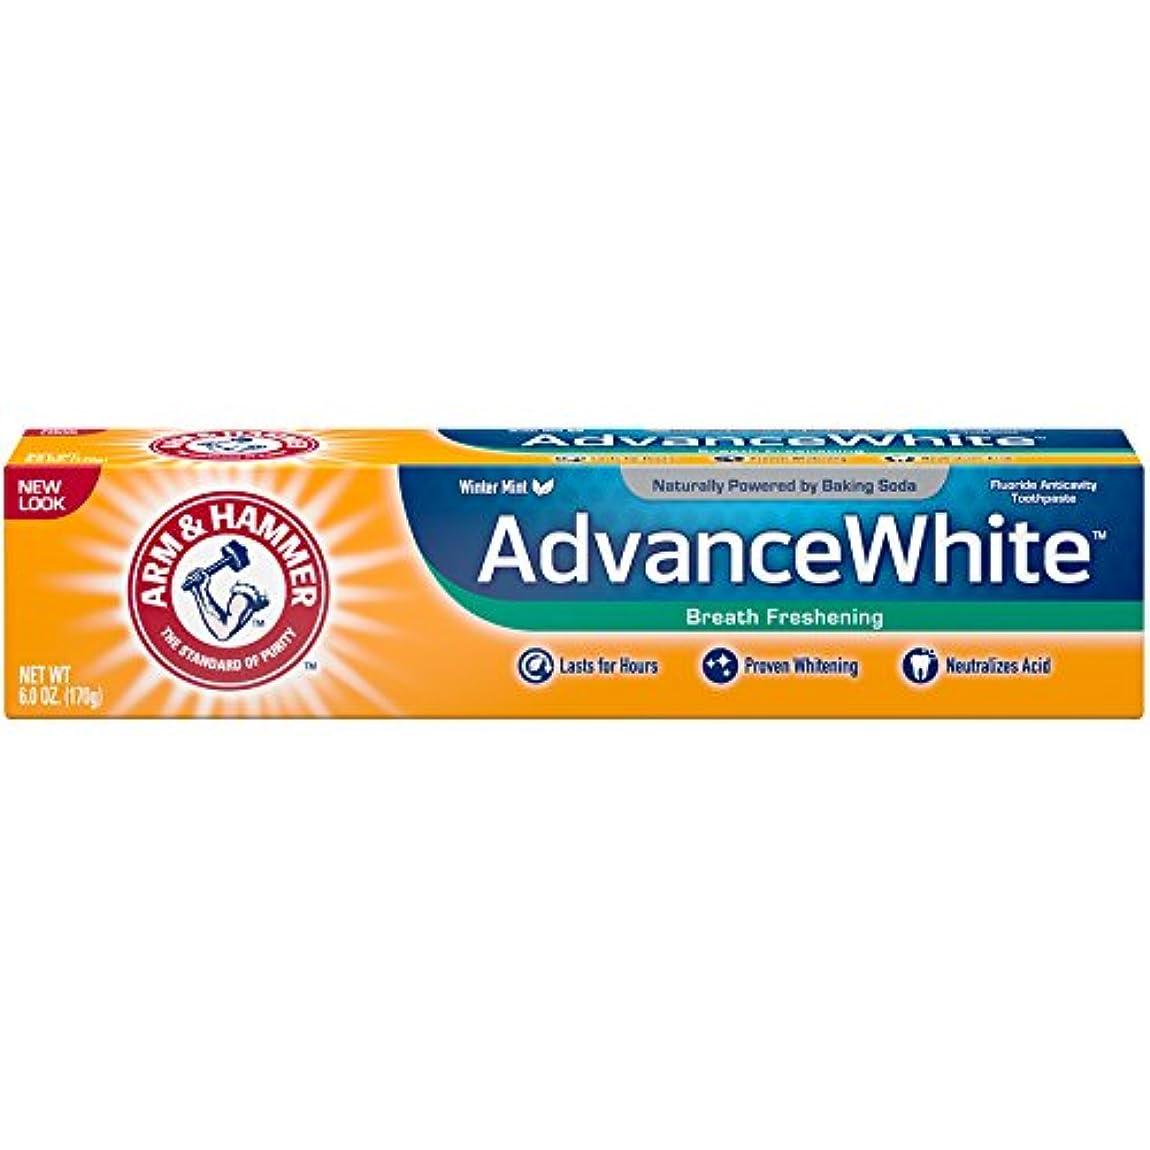 ストレンジャー暴露時々時々アーム&ハマー アドバンス ホワイト 歯磨き粉 ブレス フレッシュニング 170g Advance White Breath Freshing Baking Soda & Frosted Mint